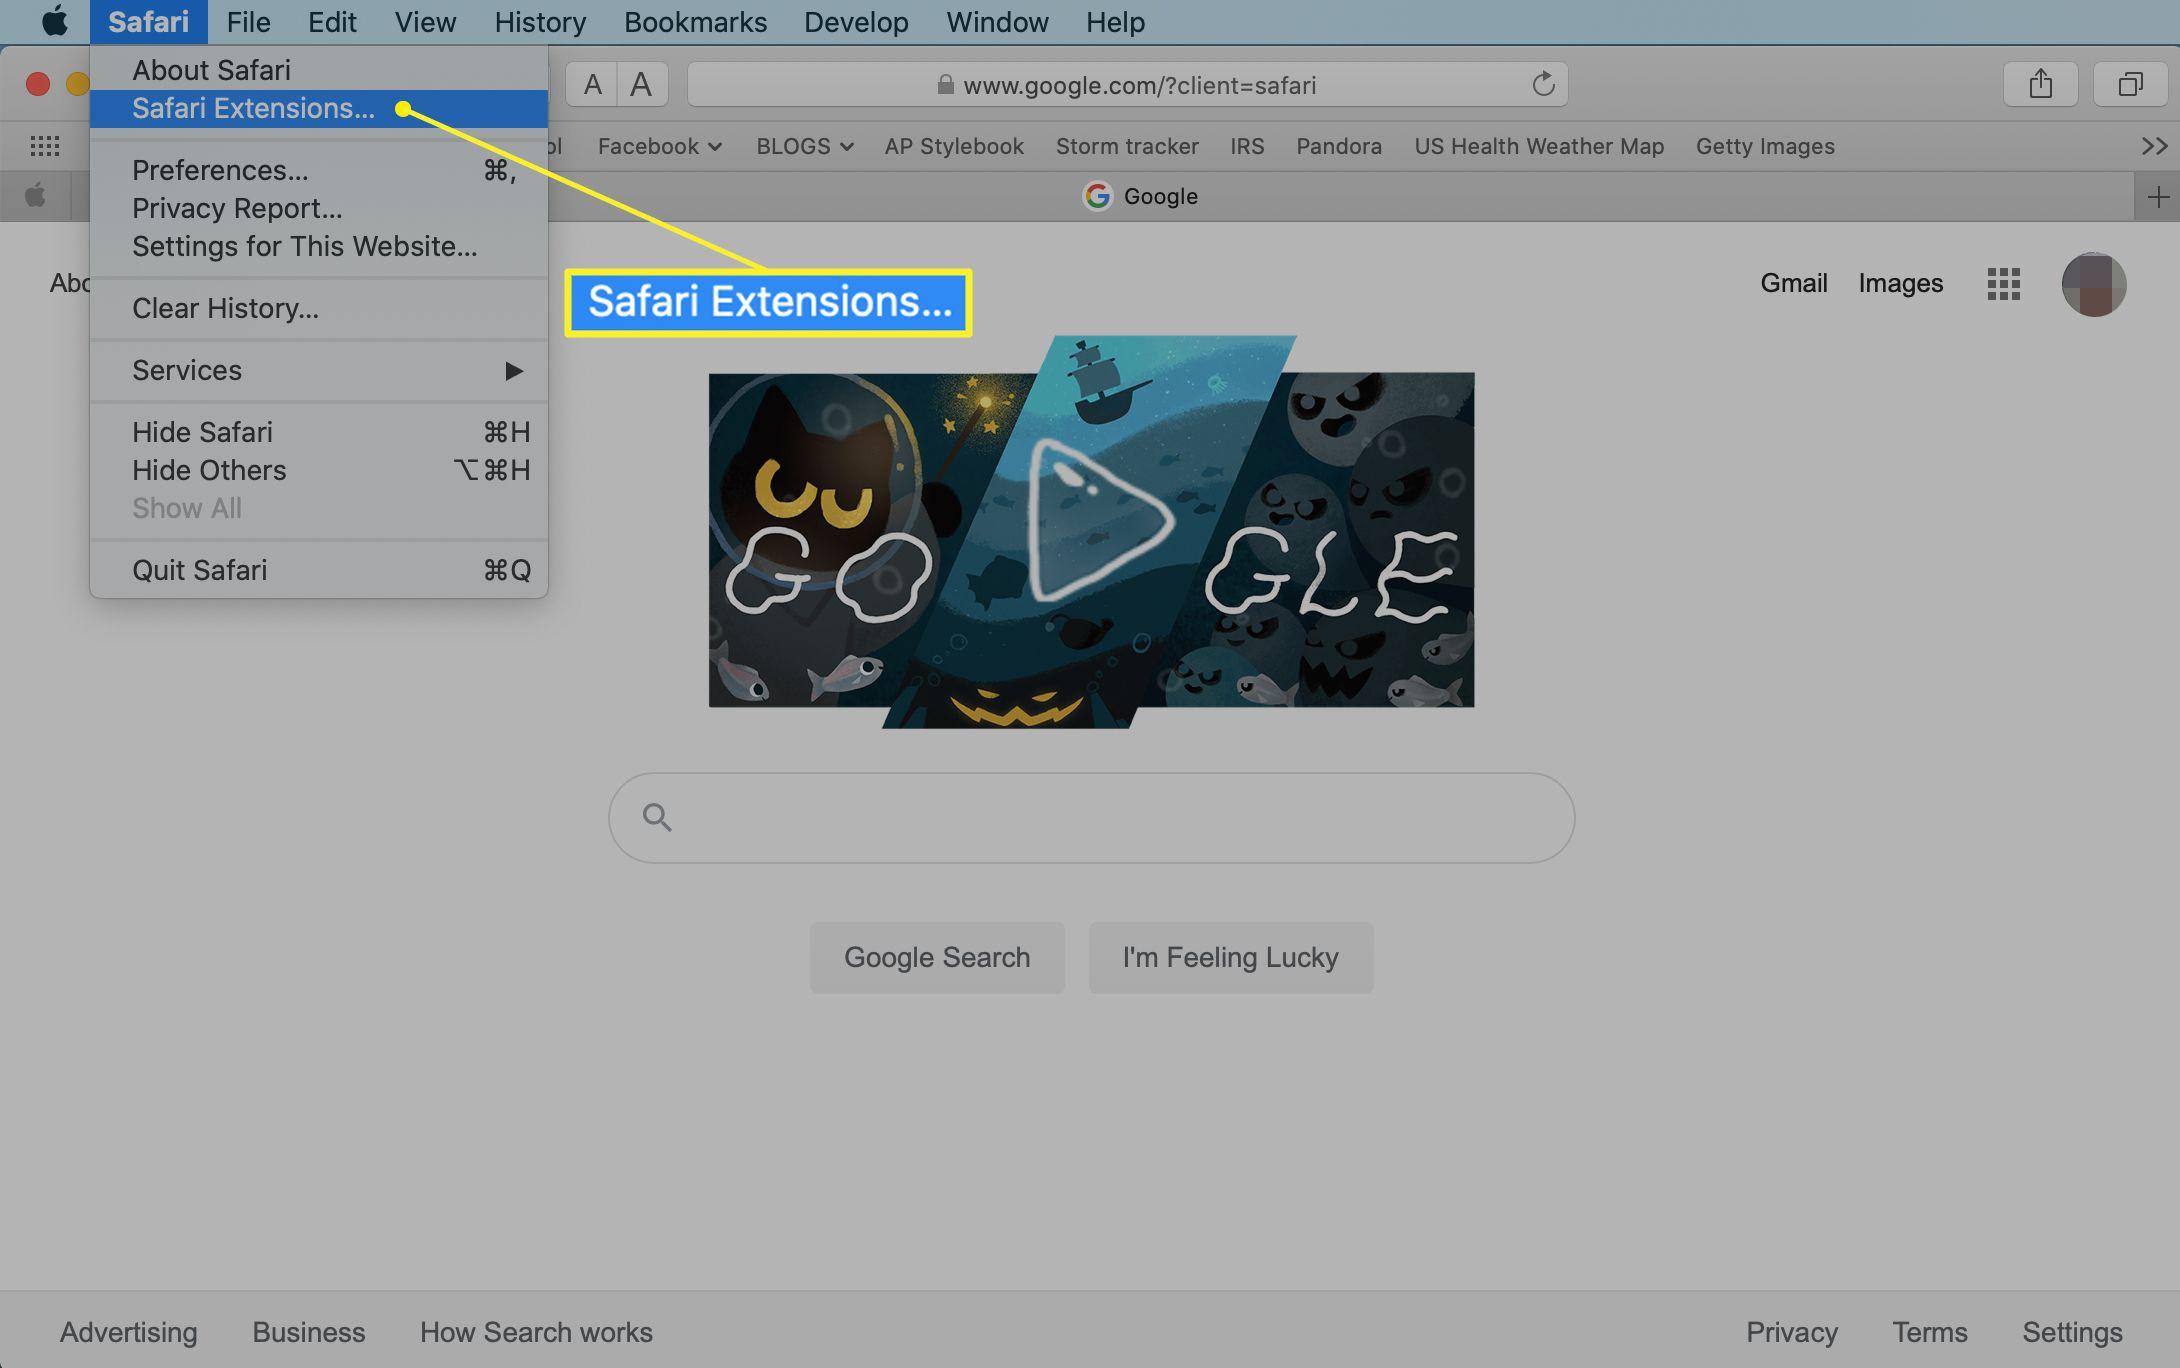 Safari menu with Safari Extensions selected